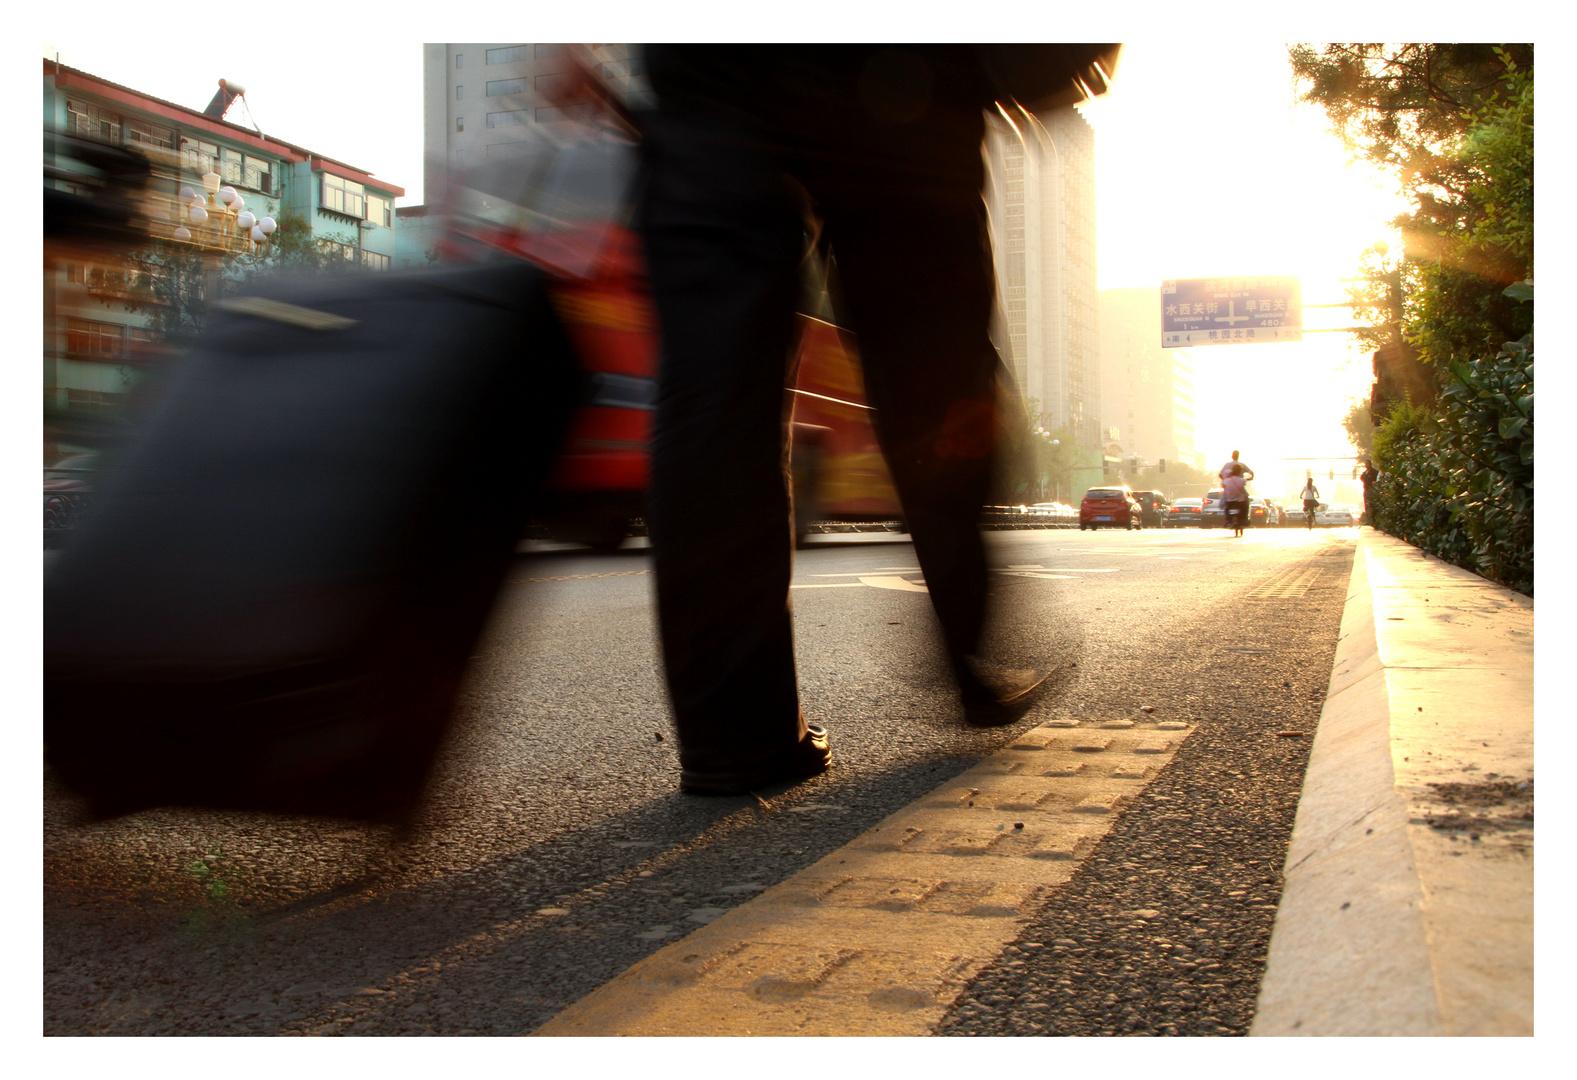 Walking down the Street - Taiyuan China